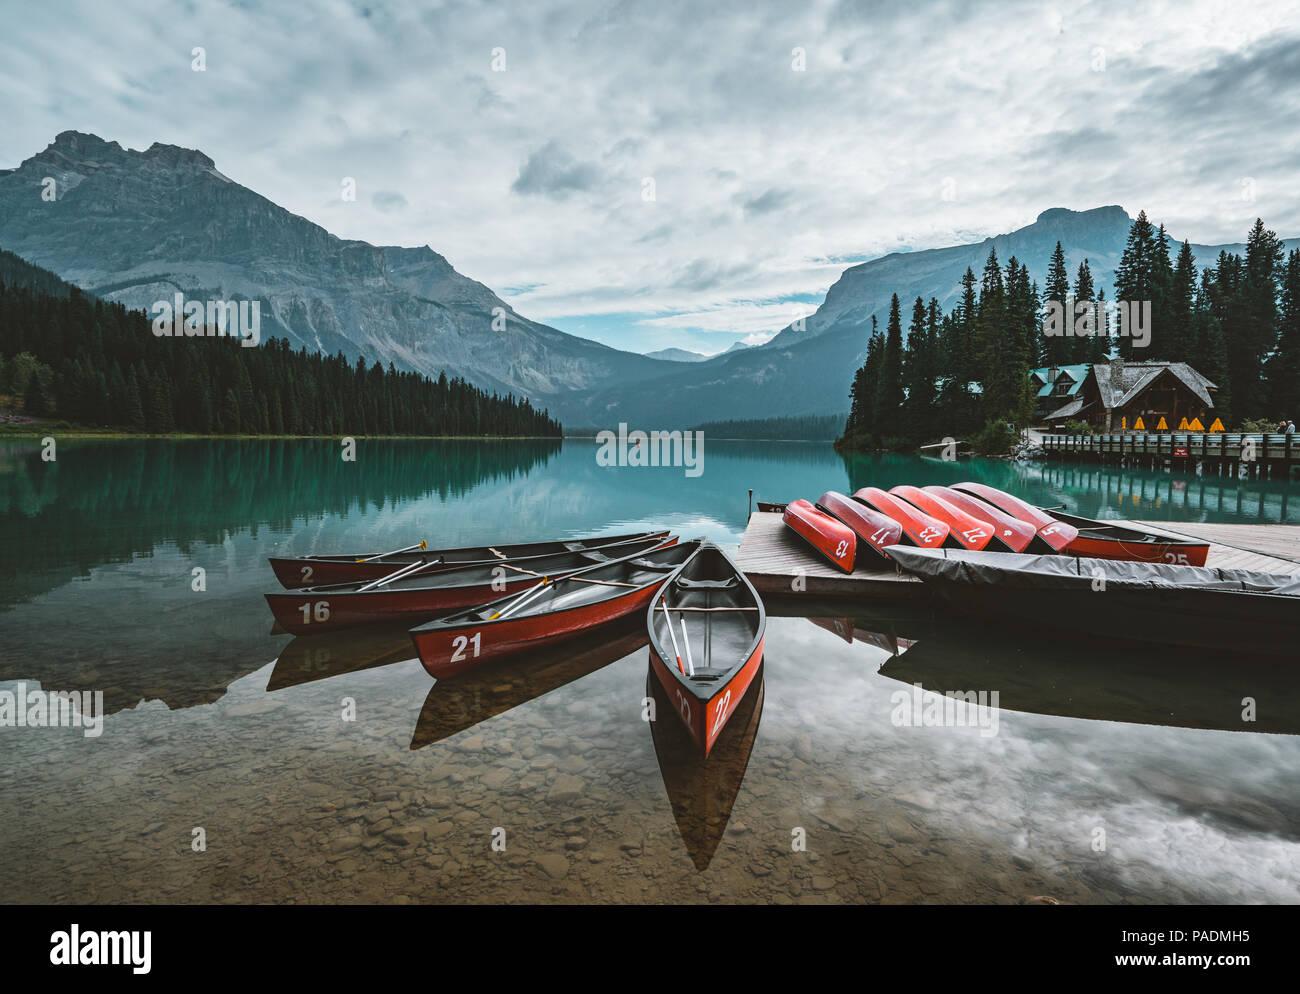 Kayaks roja seca boca abajo. El Lago Emerald en Canadian Rockies con montañas y árboles y refelction. Concepto de vacaciones y turismo activo Imagen De Stock